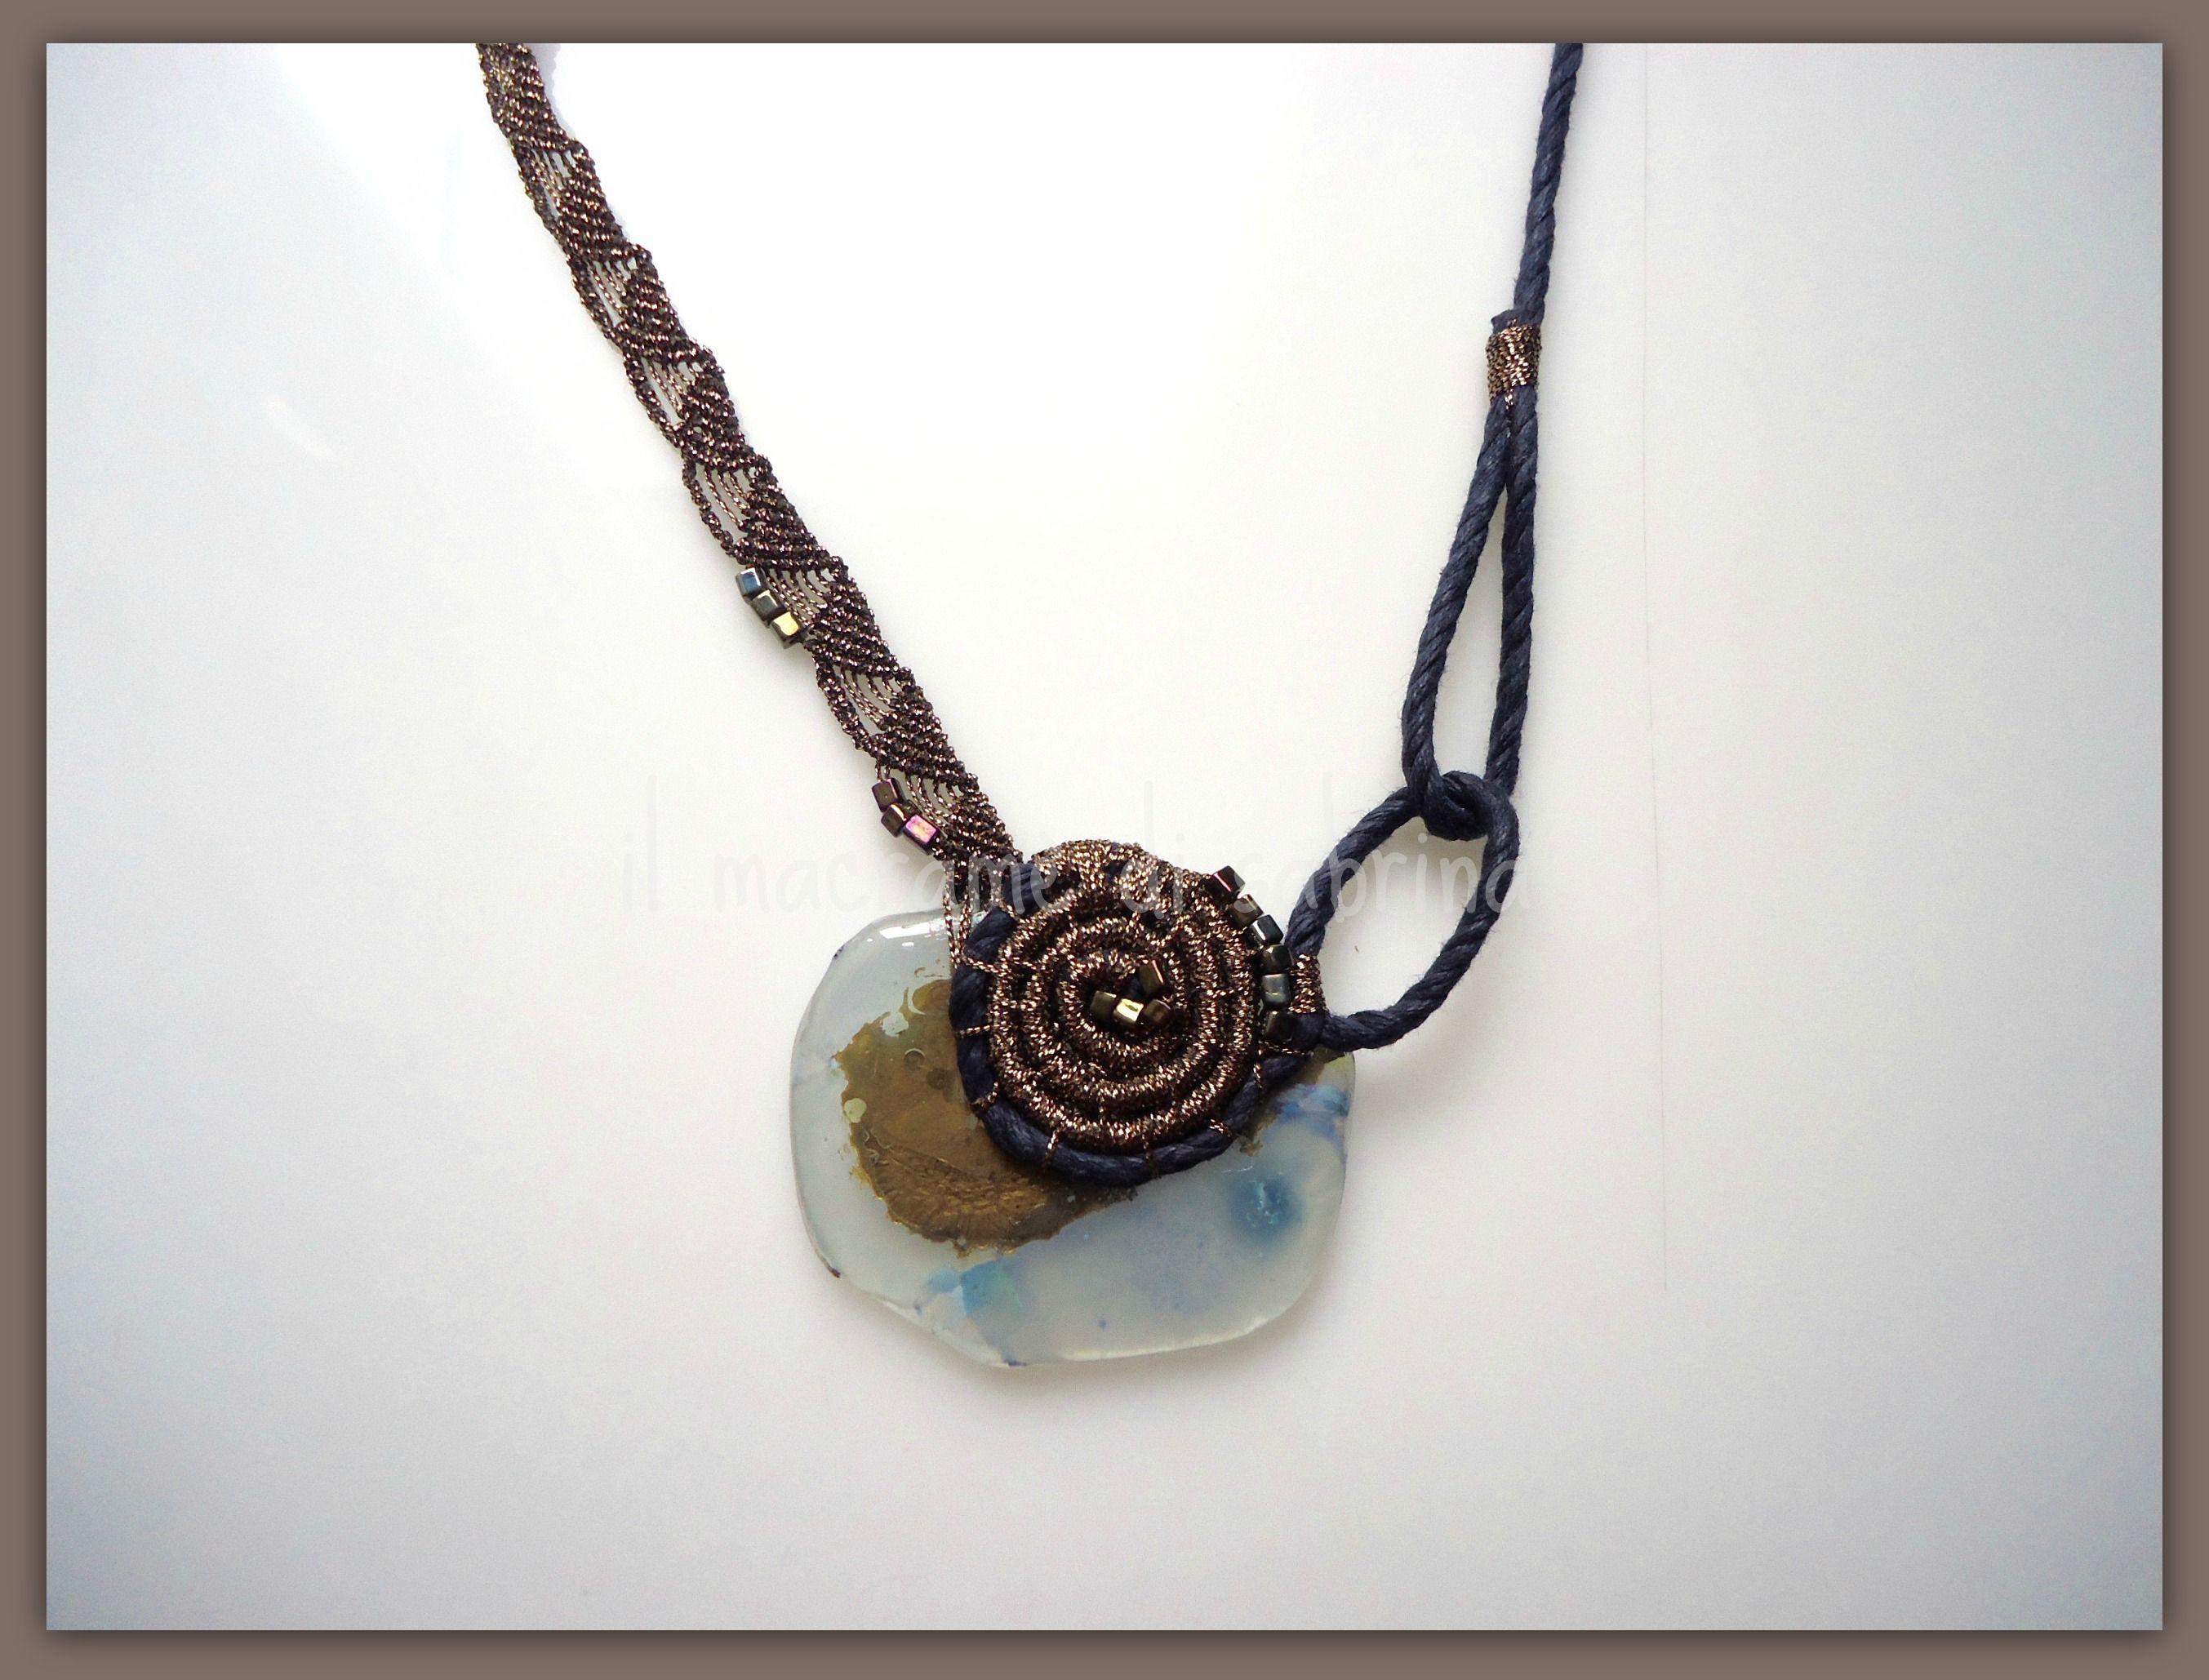 collana con vetro lavorato da Eleonora Sarti e macramè in filato metallico.